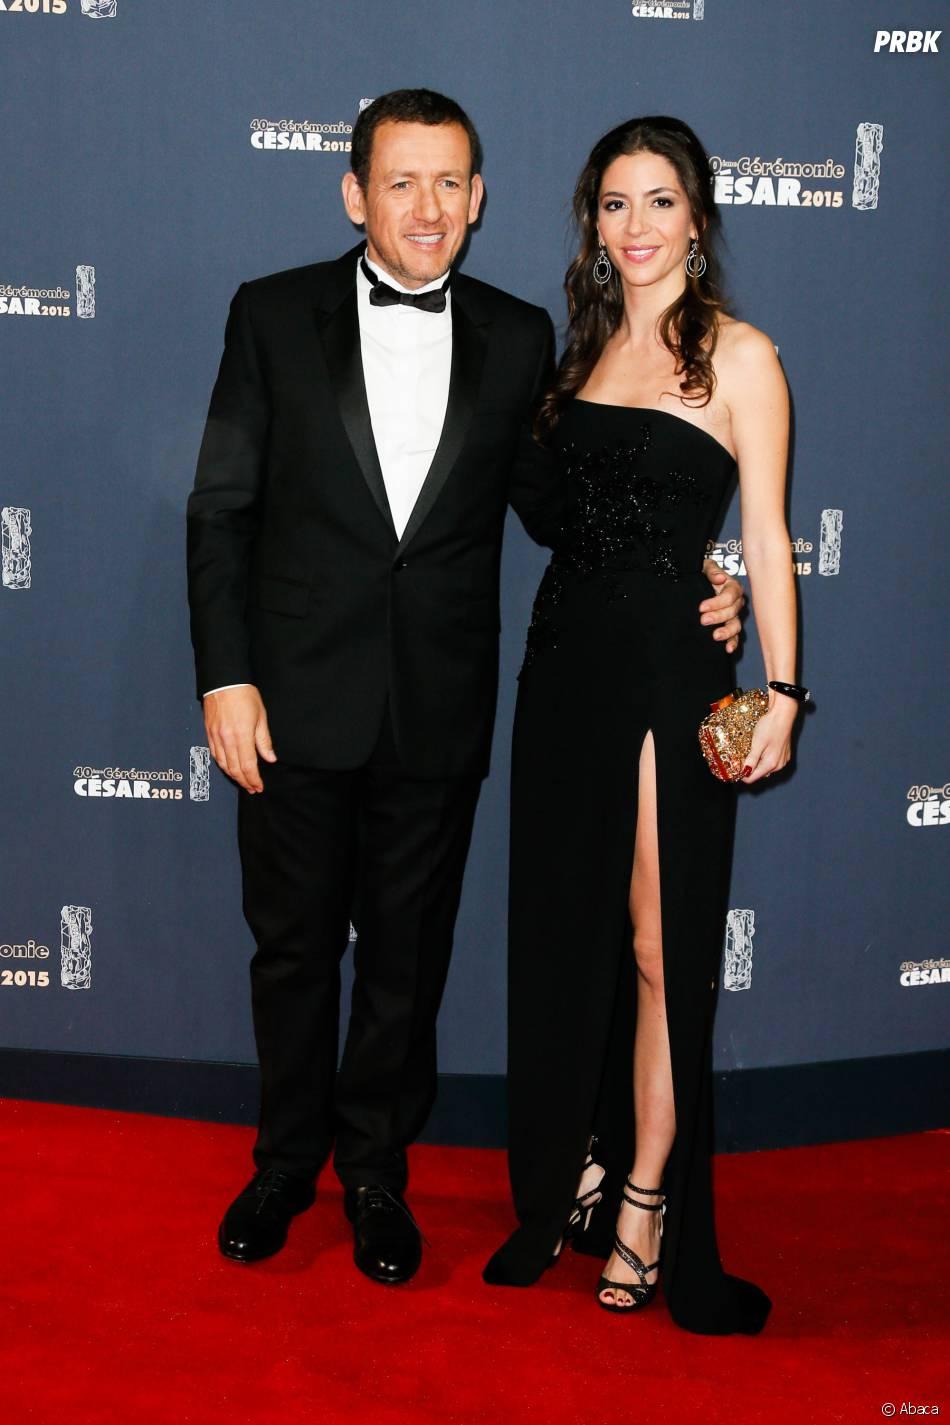 Dany Boon et sa femme Yaël Boon sur le tapis rouge des César 2015 au théâtre du Châtelet à Paris, le 20 février 2015